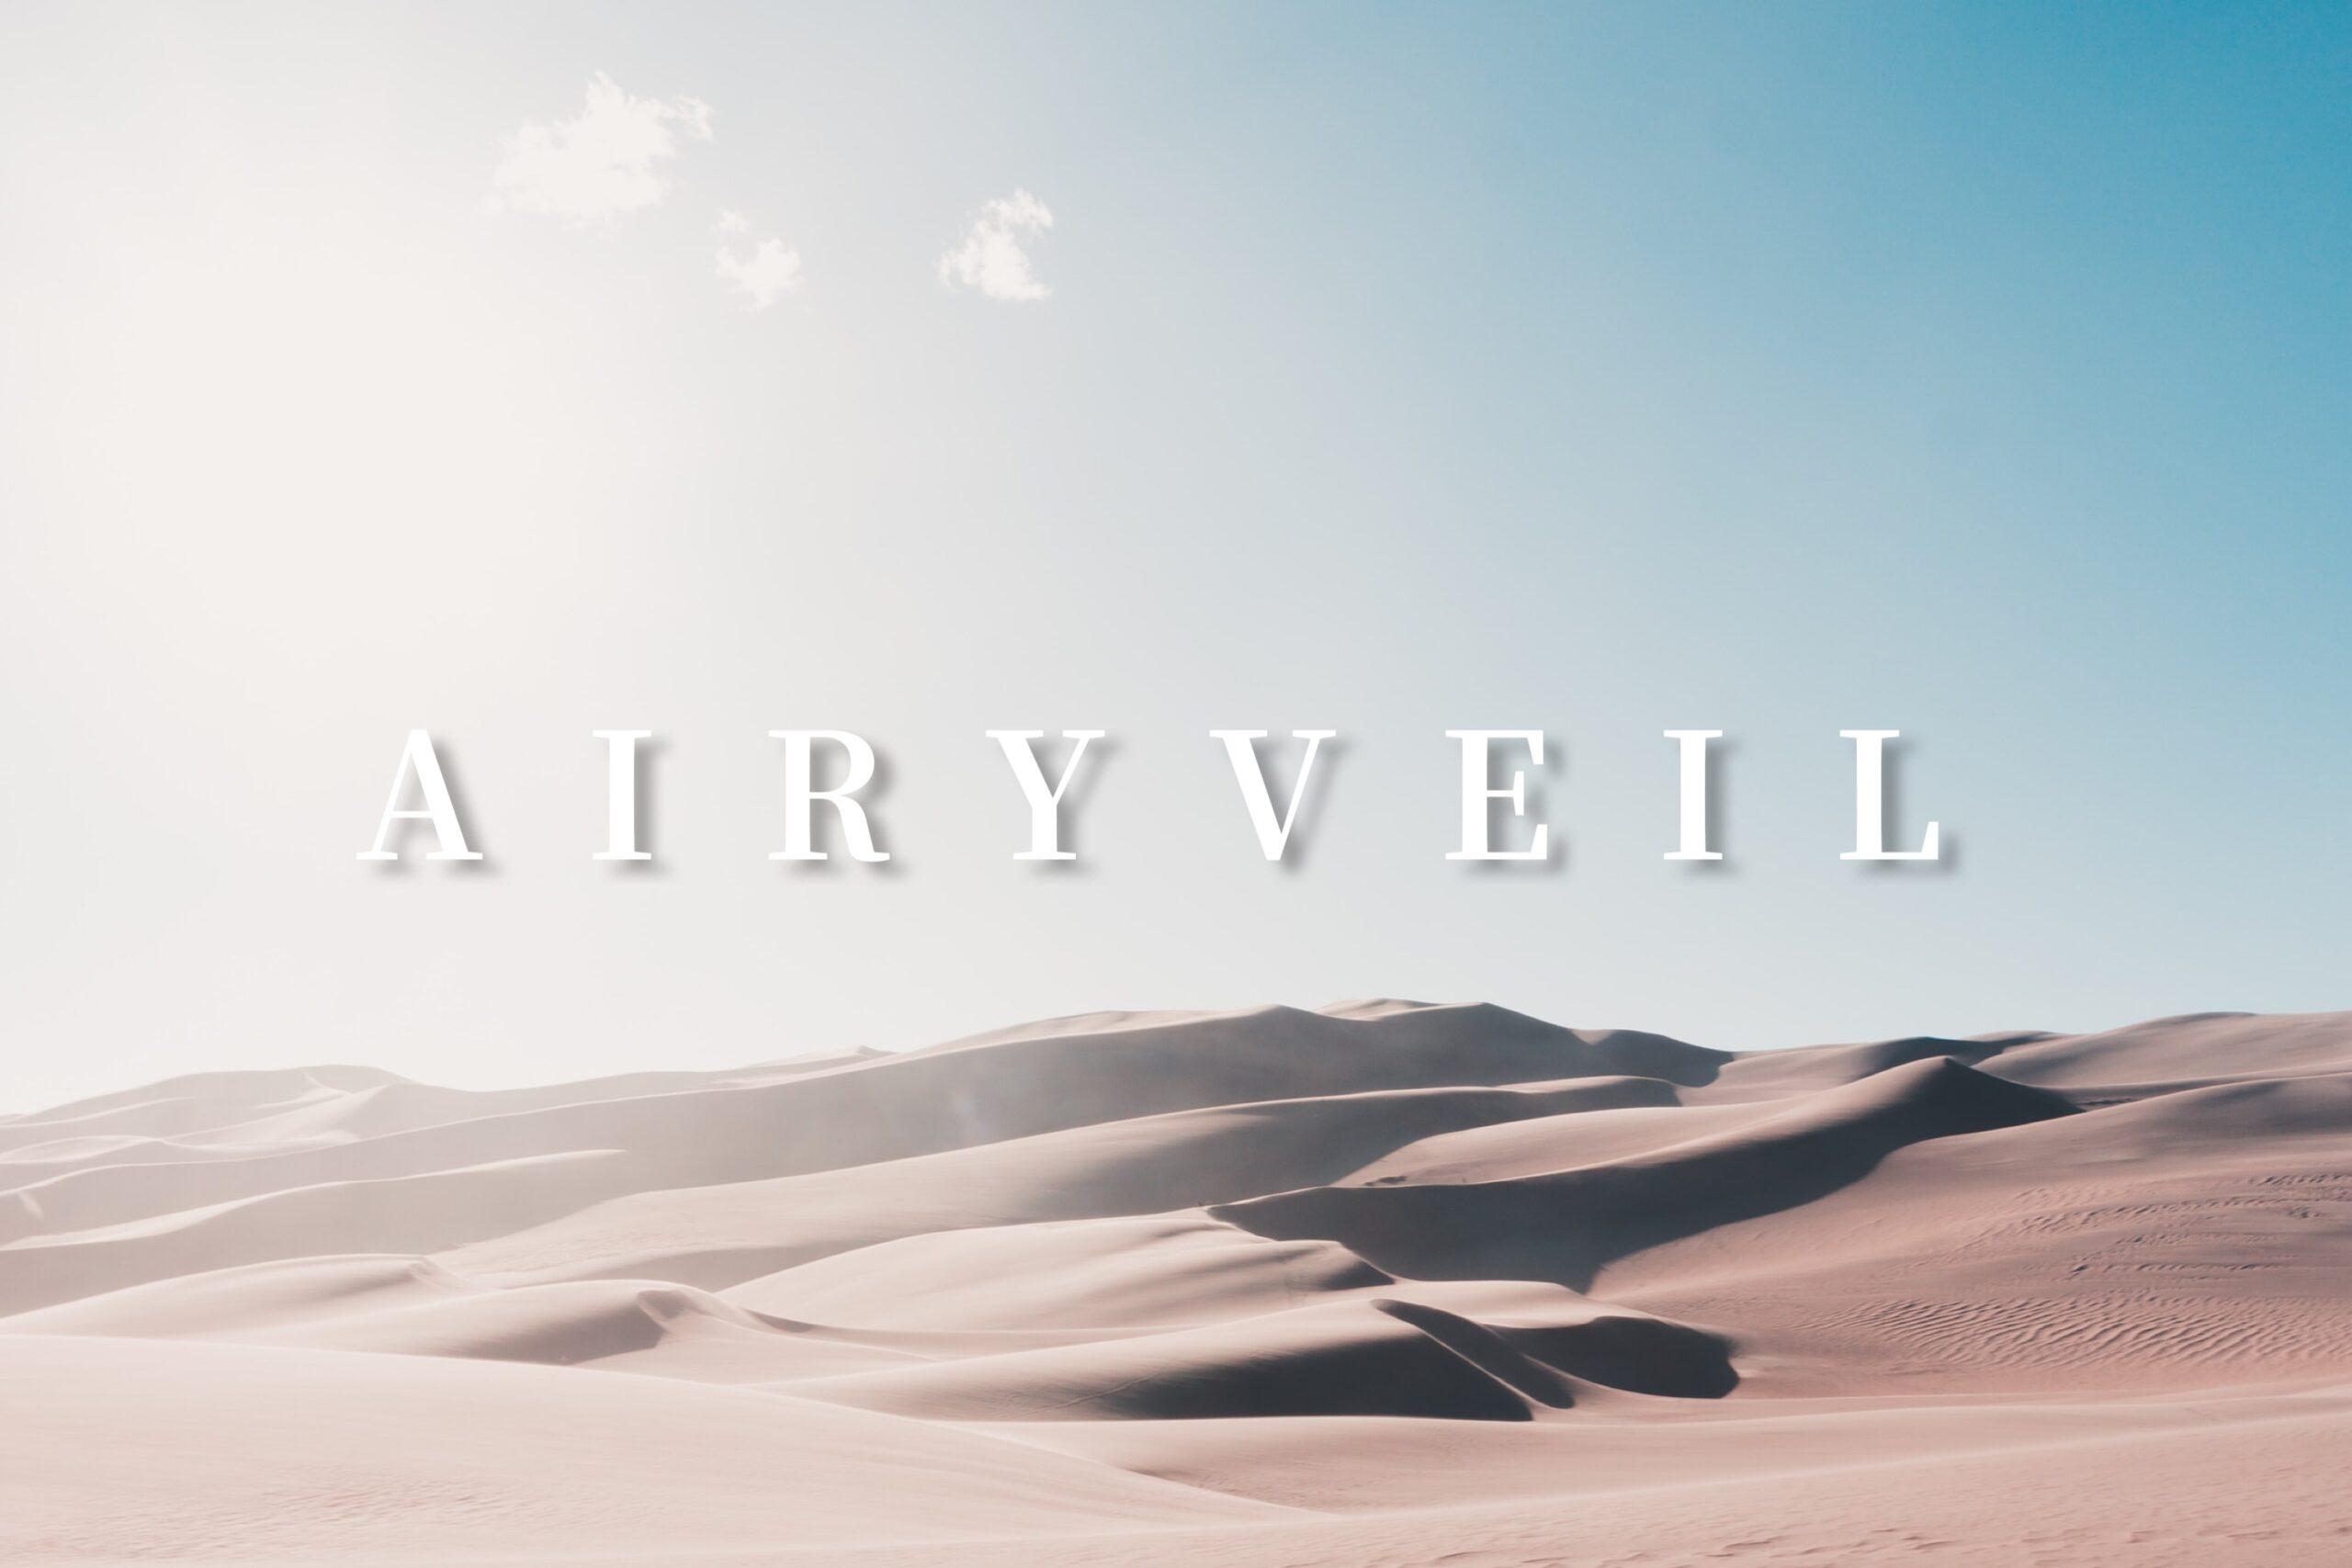 AIRYVEIL(エアリベール)